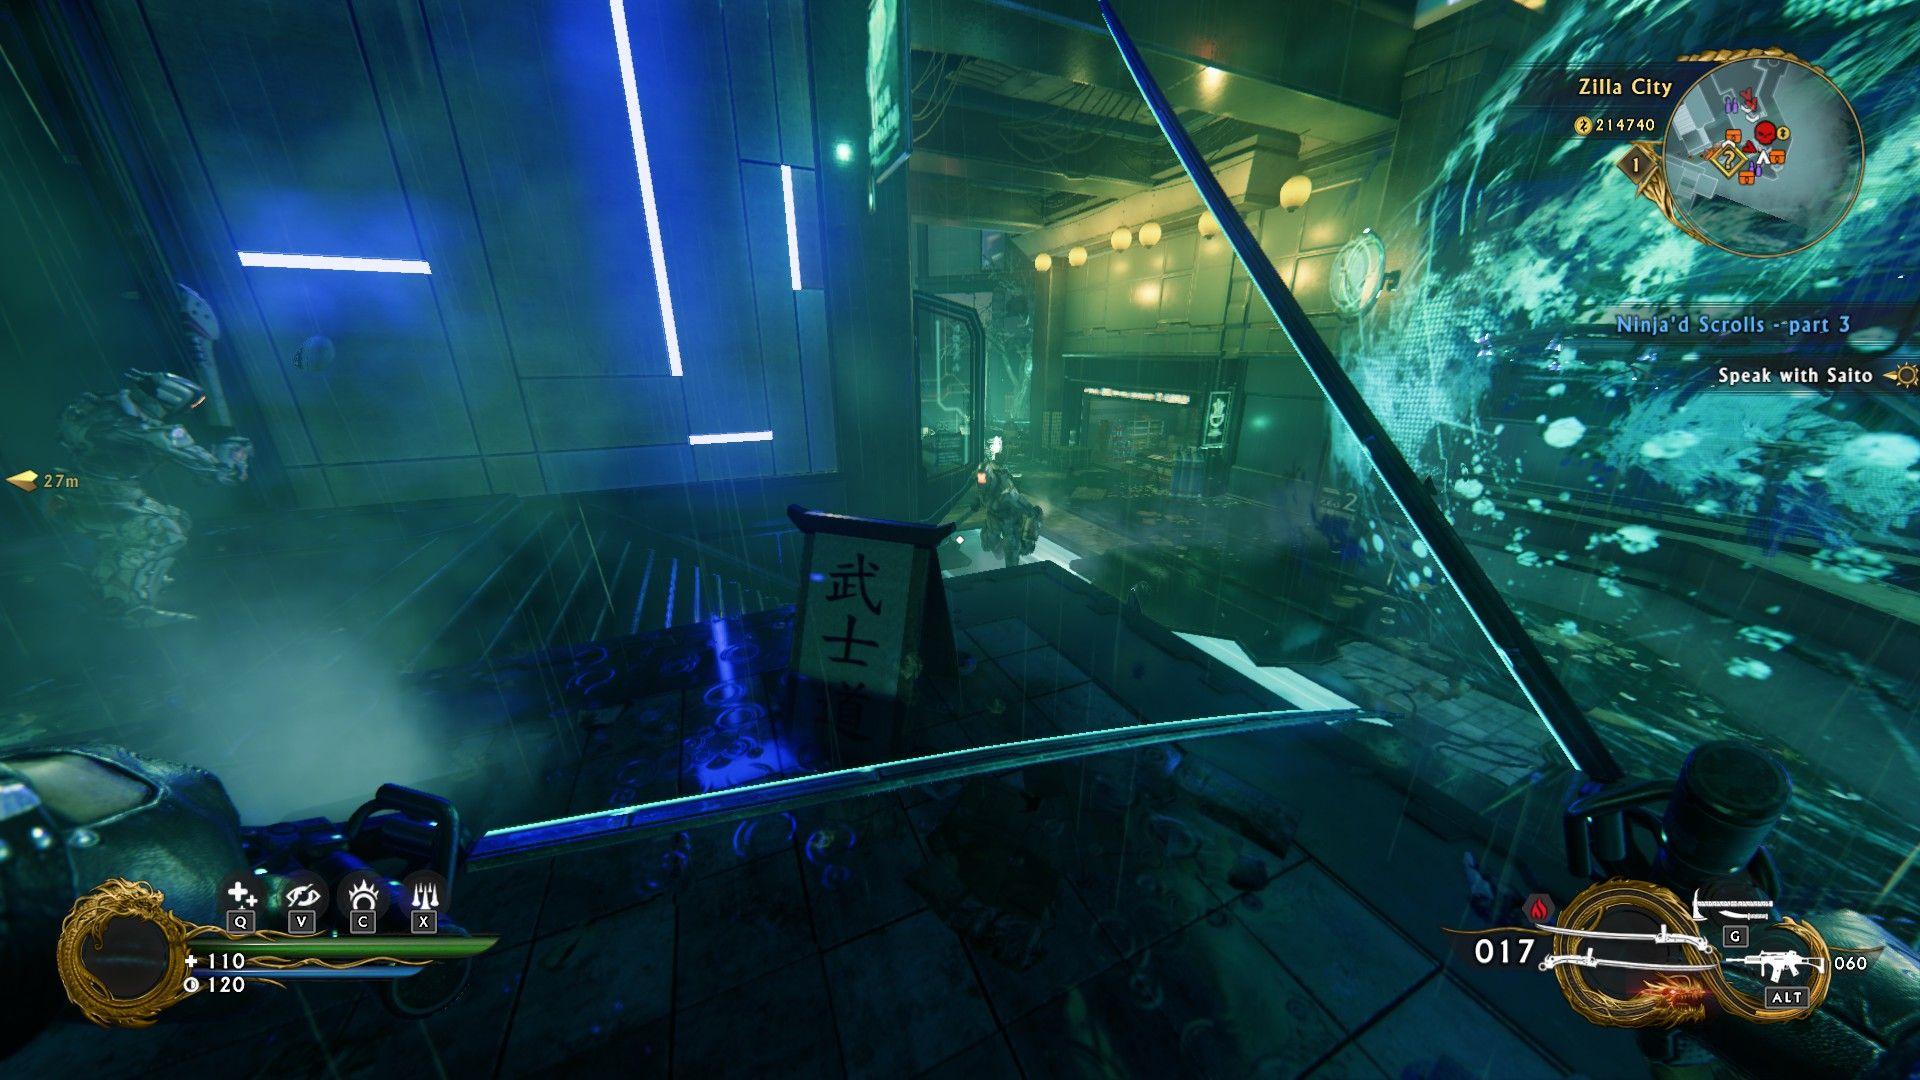 shadow-warrior-2-screenshot-17